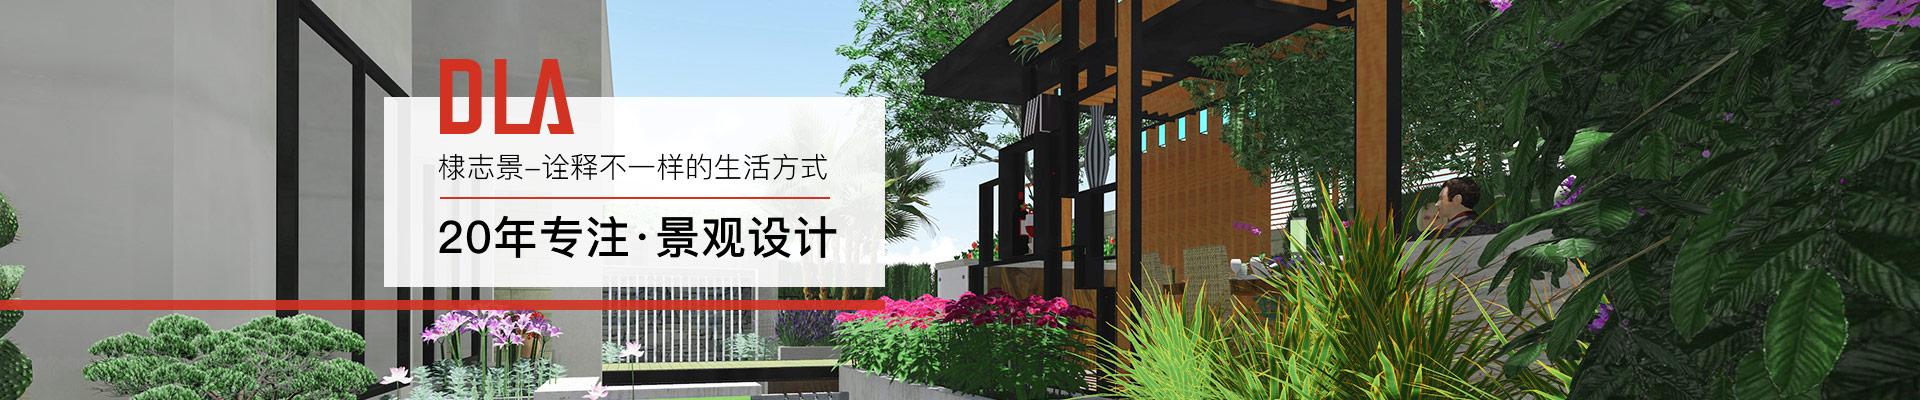 深圳棣志景-20年专注景观设计